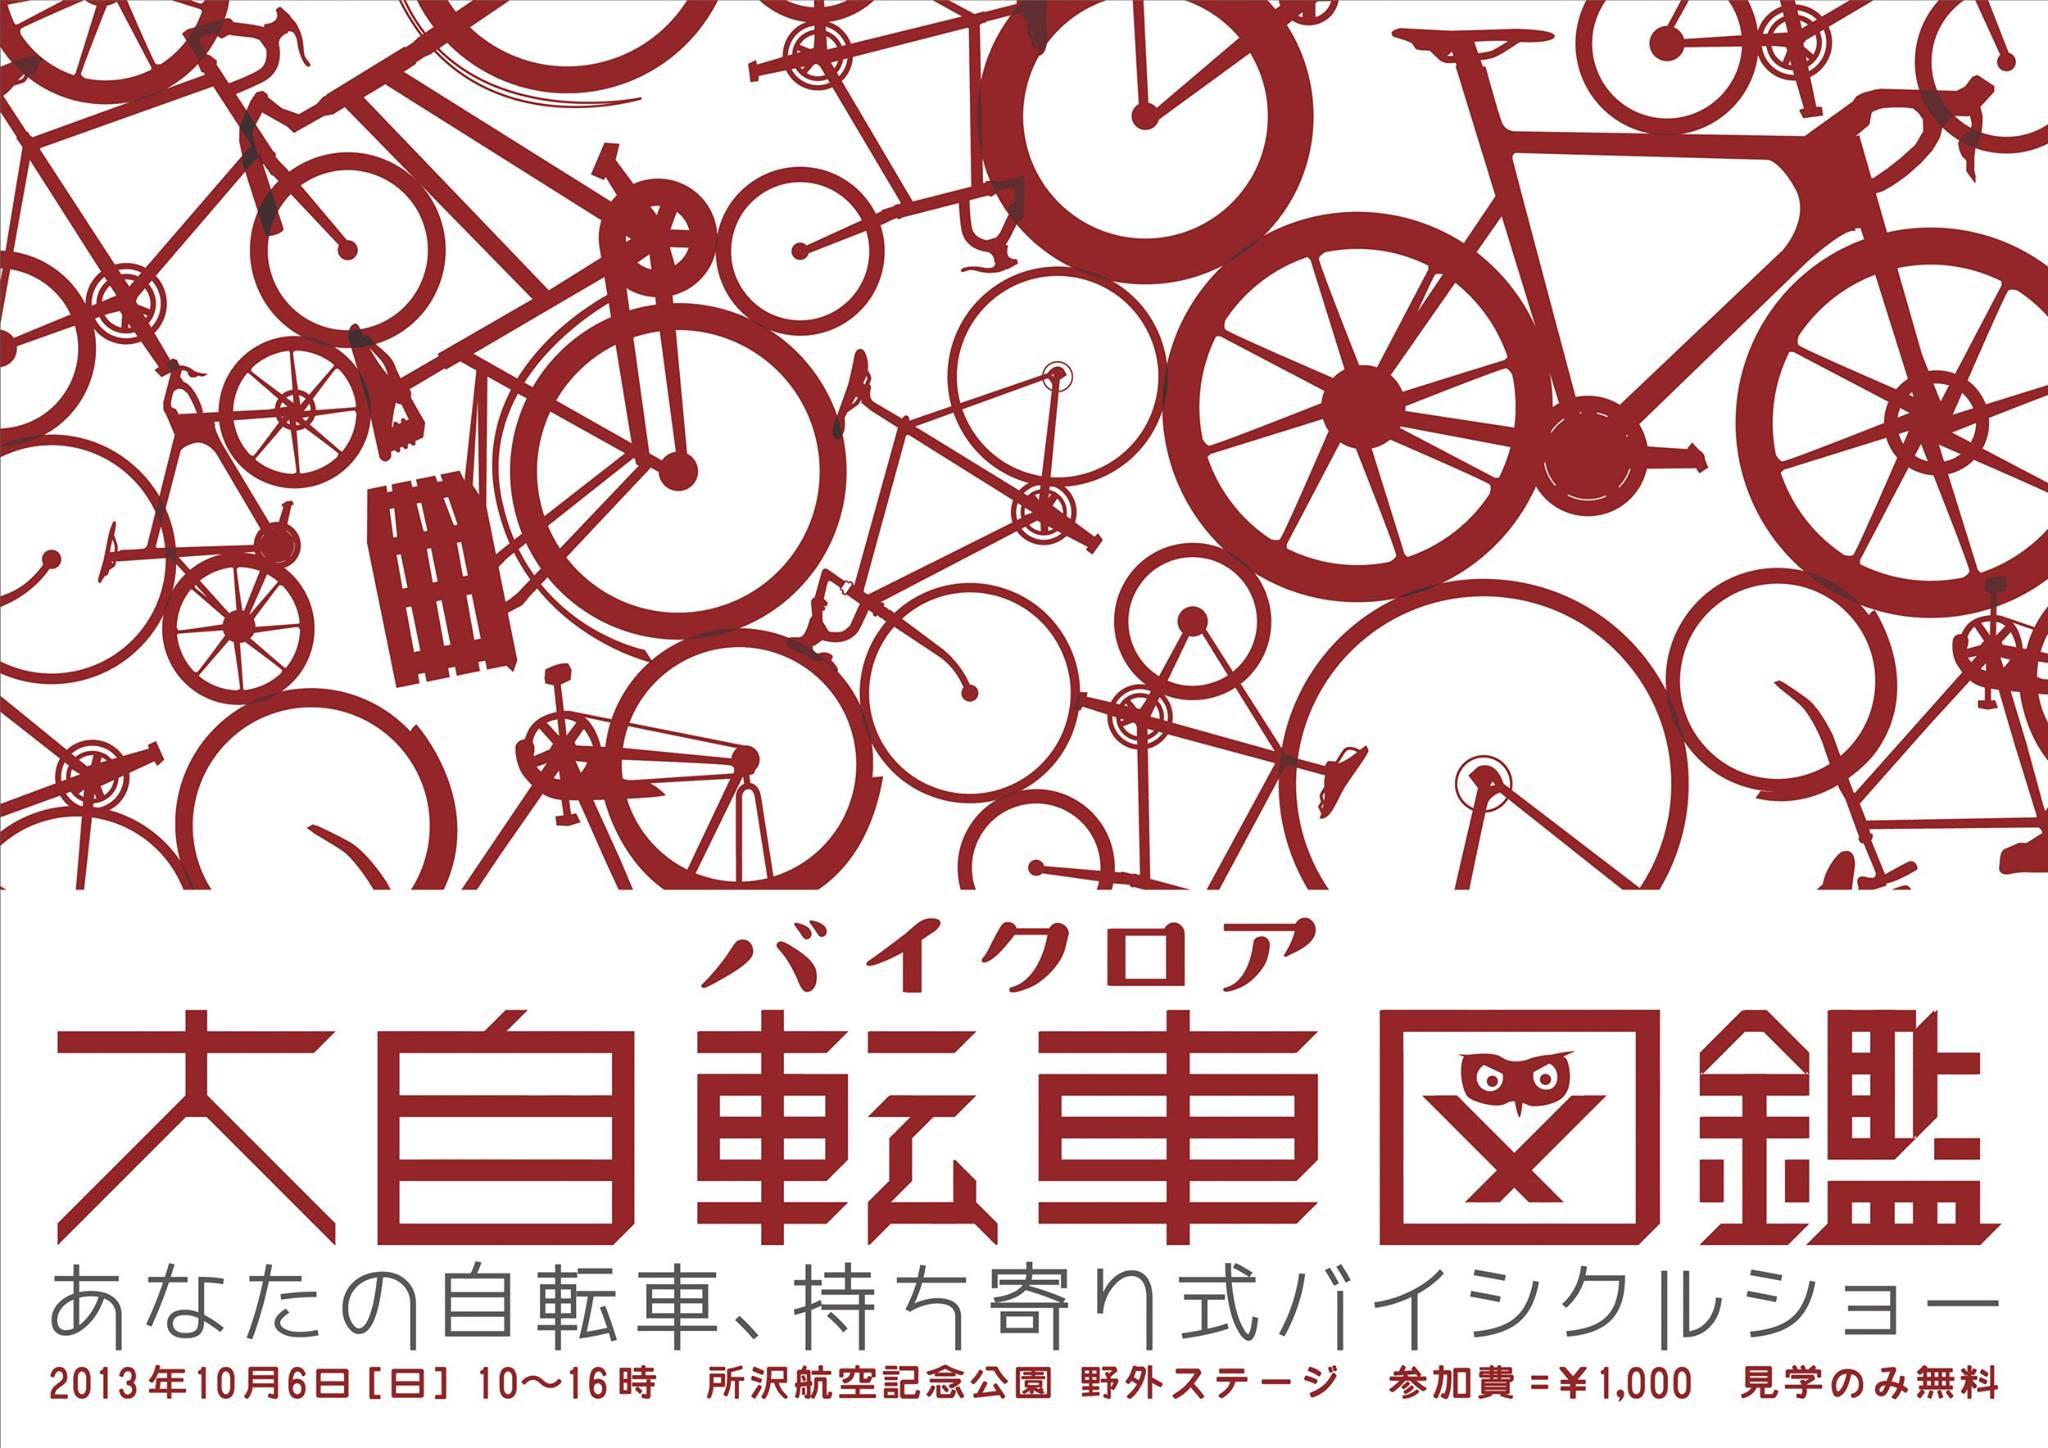 バイクロア大自転車大図鑑